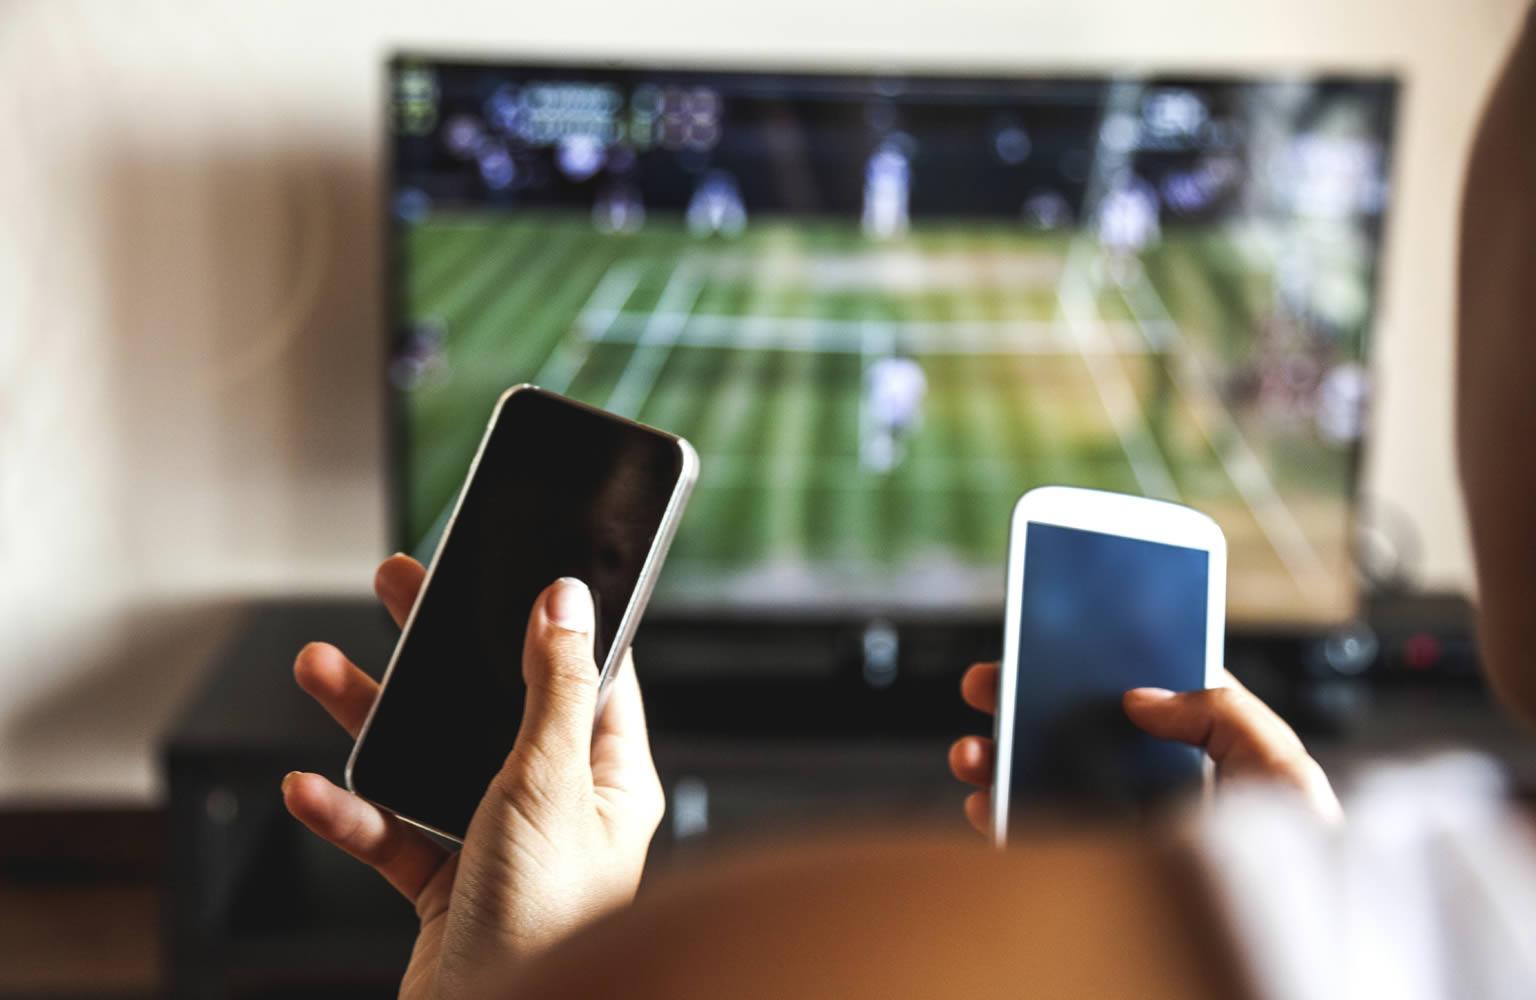 Smartphones betting websites